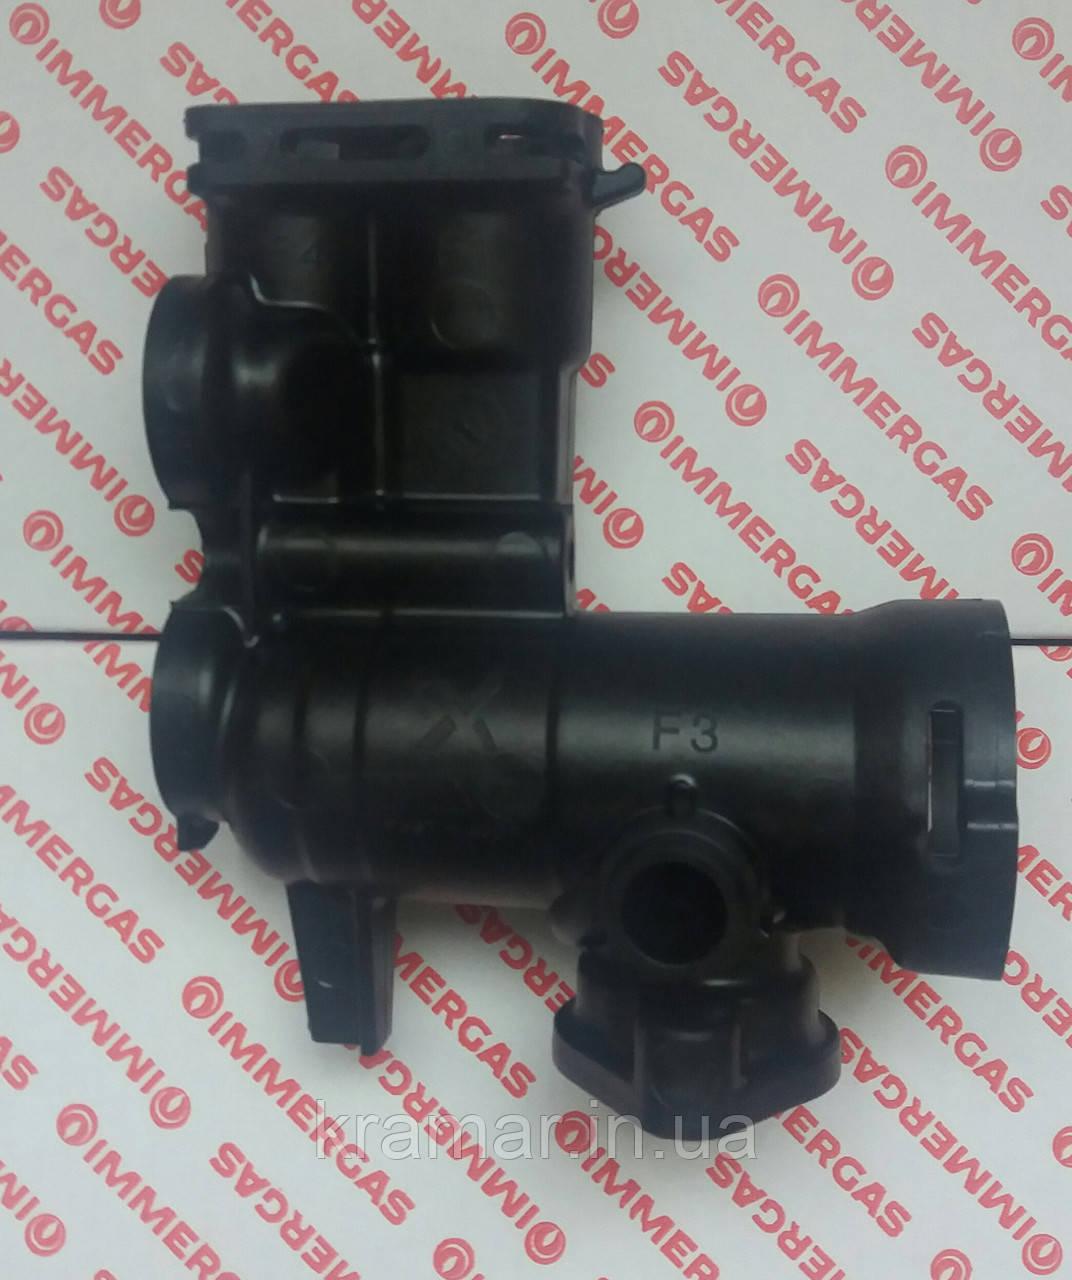 Корпус трехходового клапана Immergas Mini 24 3 E, Victrix 26, Major Eolo 24 4E, 28 4E